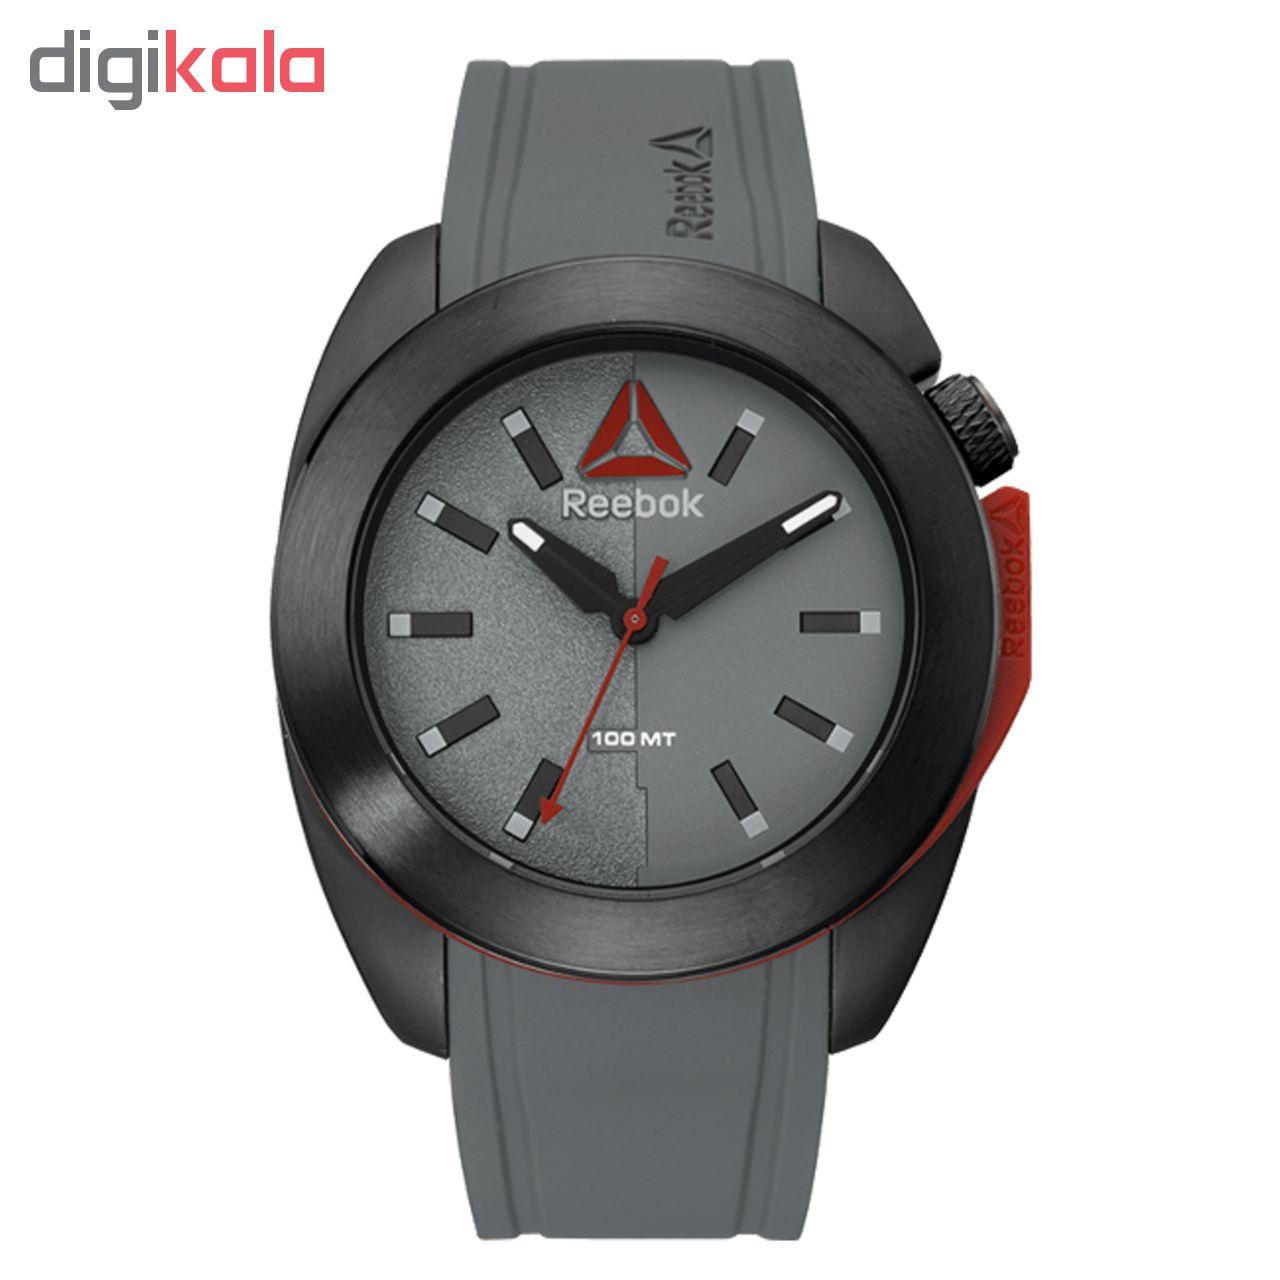 ساعت  ریباک مدل RD-DRO-G2-PBIA-AR